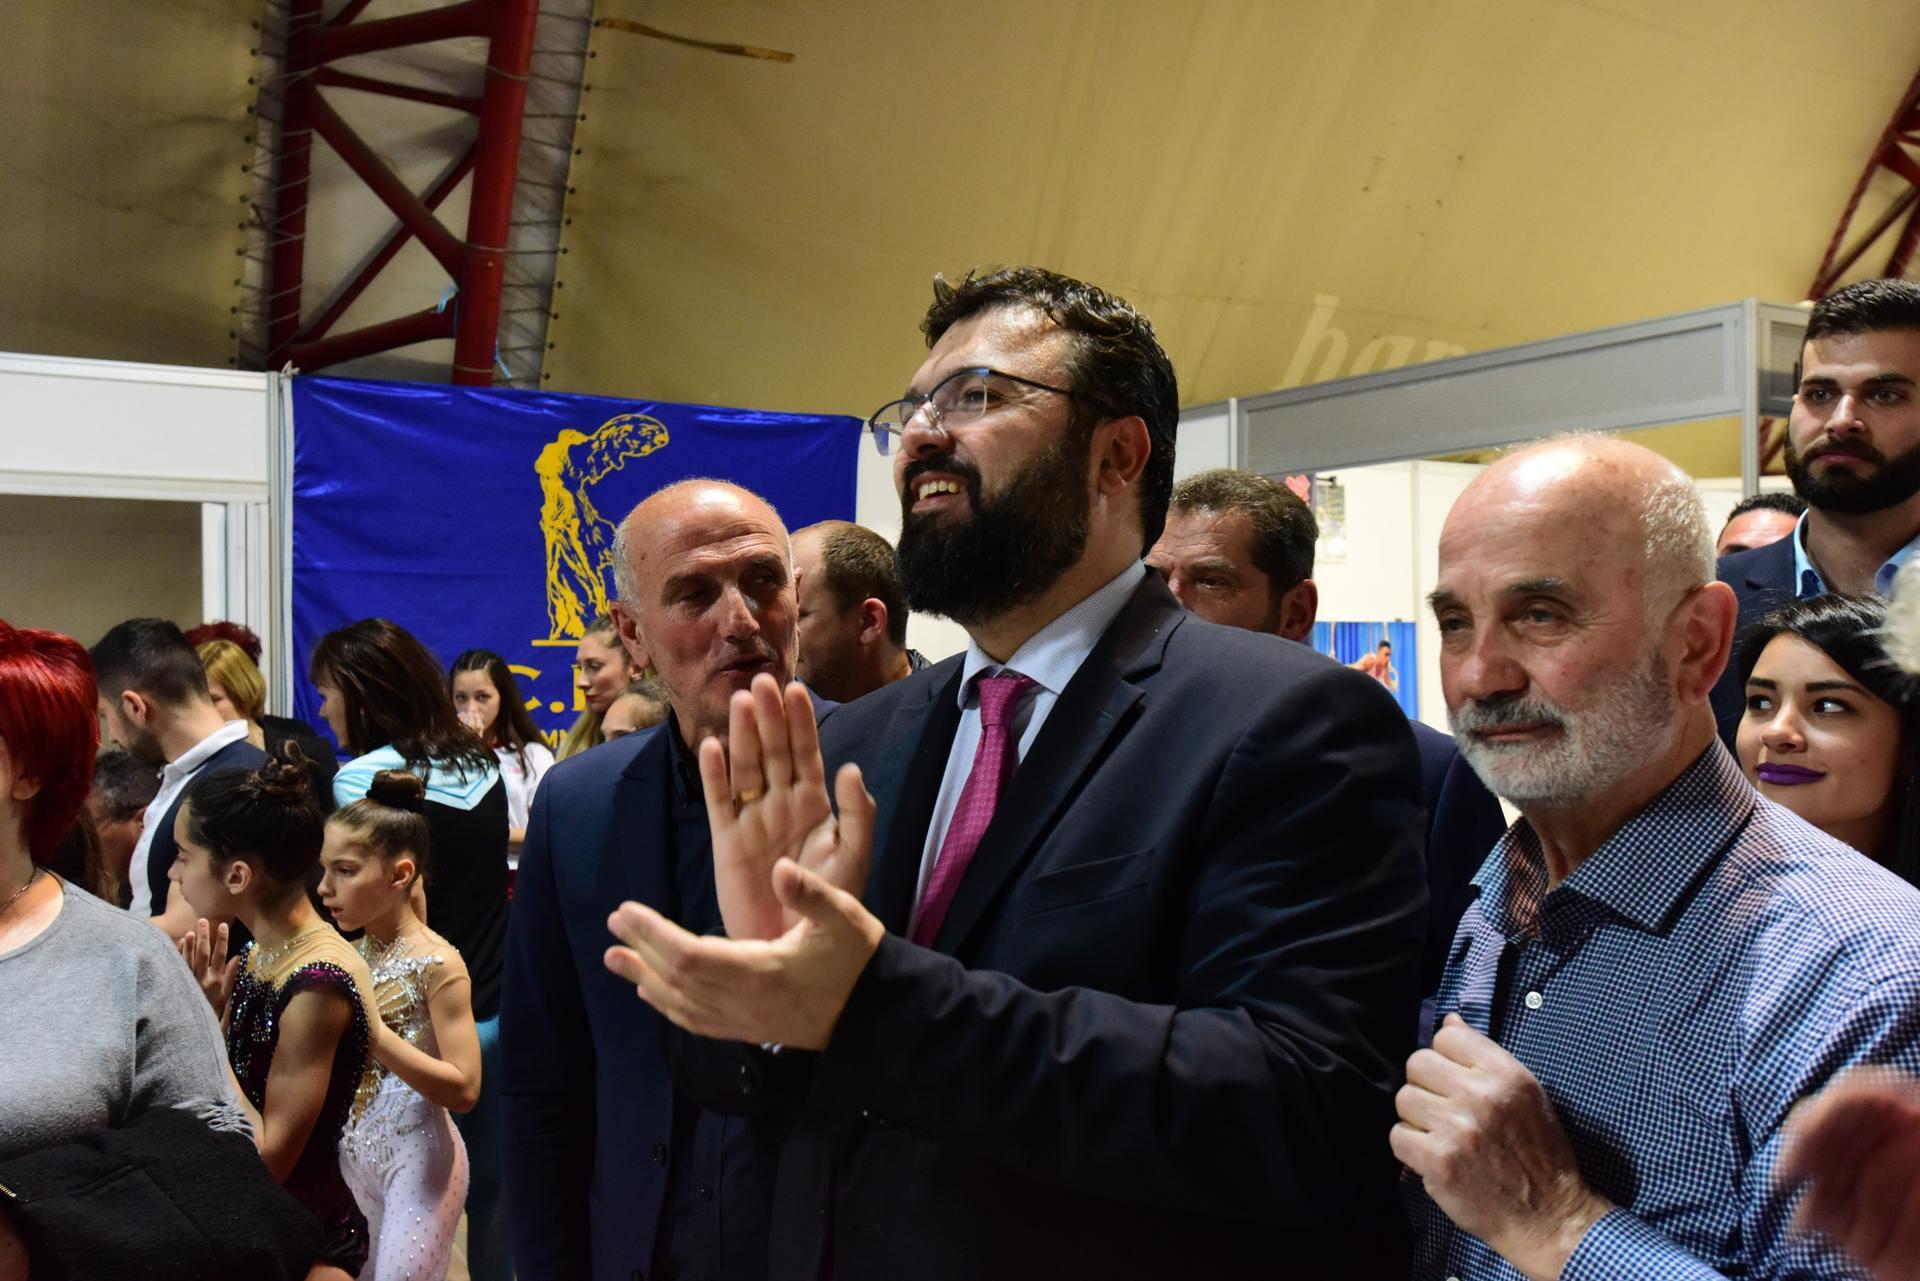 Ο Υφυπουργός Αθλητισμού Γιώργος Βασιλειάδης επισκέφθηκε τον χώρο της Ε.Γ.Ο. και έμεινε εντυπωσιασμένος από το θέαμα που πρόσφεραν οι μικροί εκπρόσωποι της ελληνικής Γυμναστικής.